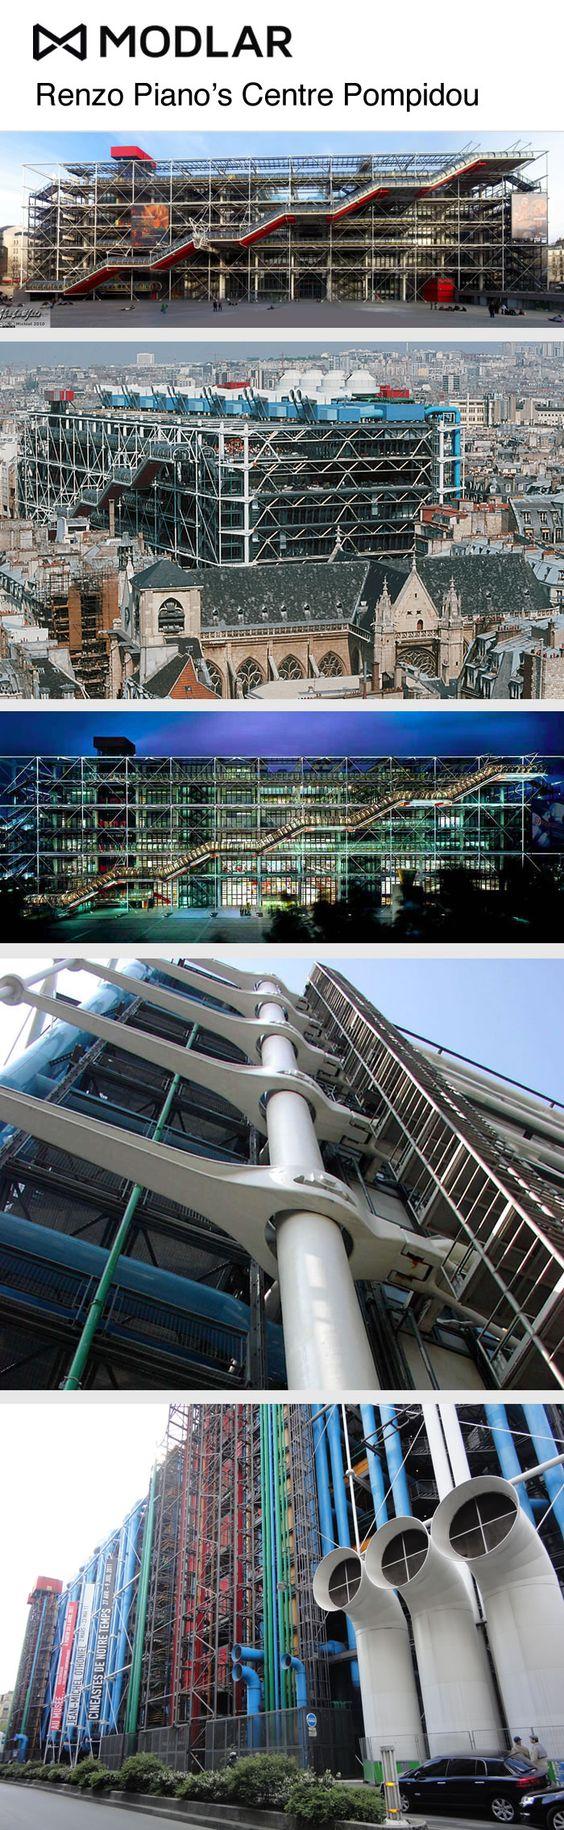 Renzo piano 39 s centre pompidou architecture renzo modlar - Centre george pompidou architecture ...